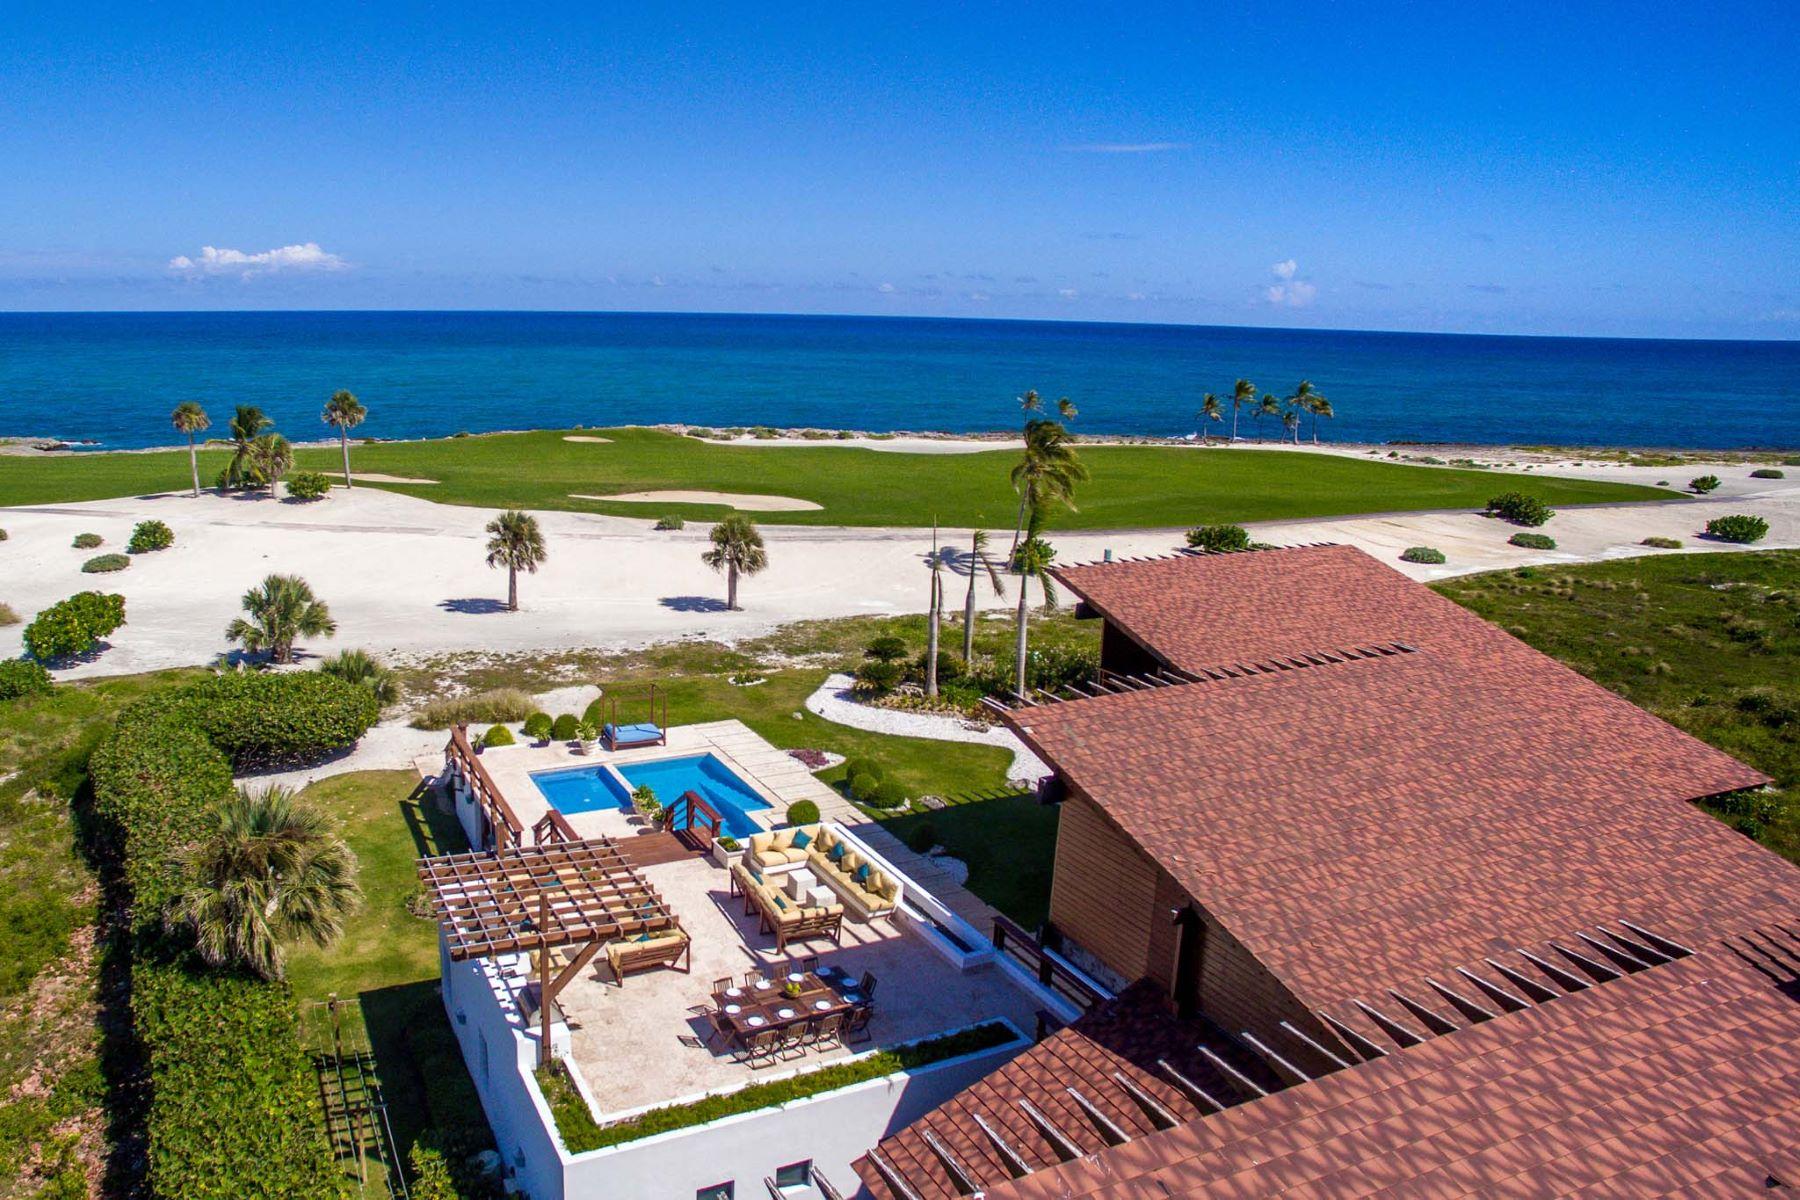 Single Family Home for Sale at Extraordinary Modern Villa Cap Cana, La Altagracia, Dominican Republic